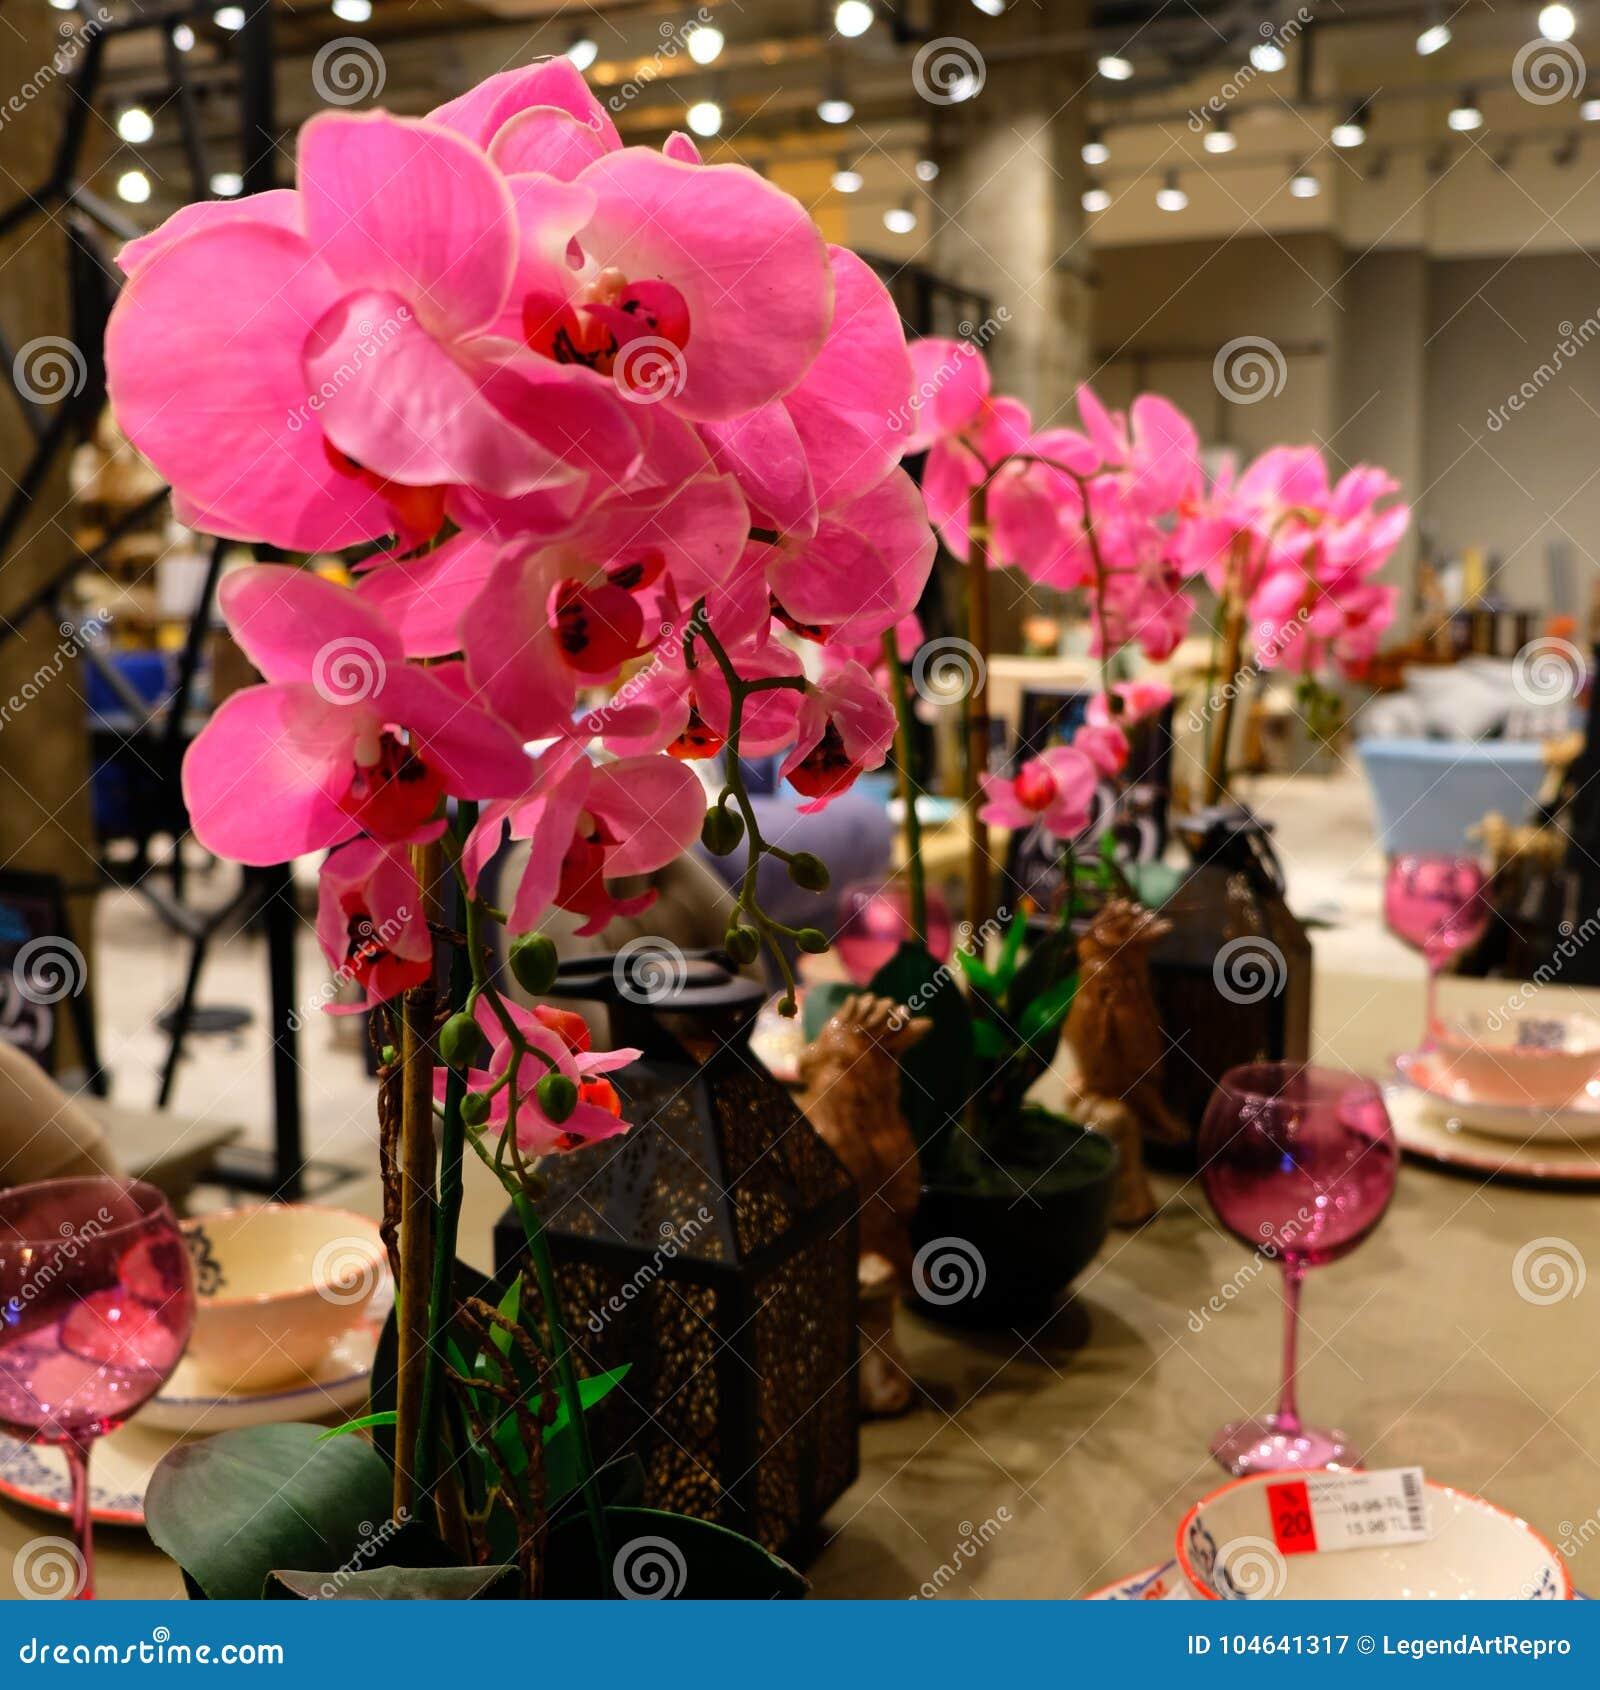 Download Roze Orchidee, Decoratieve Lichten, Roze Drinkbeker, Oude Stijl Decoratieve Lijst Stock Afbeelding - Afbeelding bestaande uit winkel, lichten: 104641317